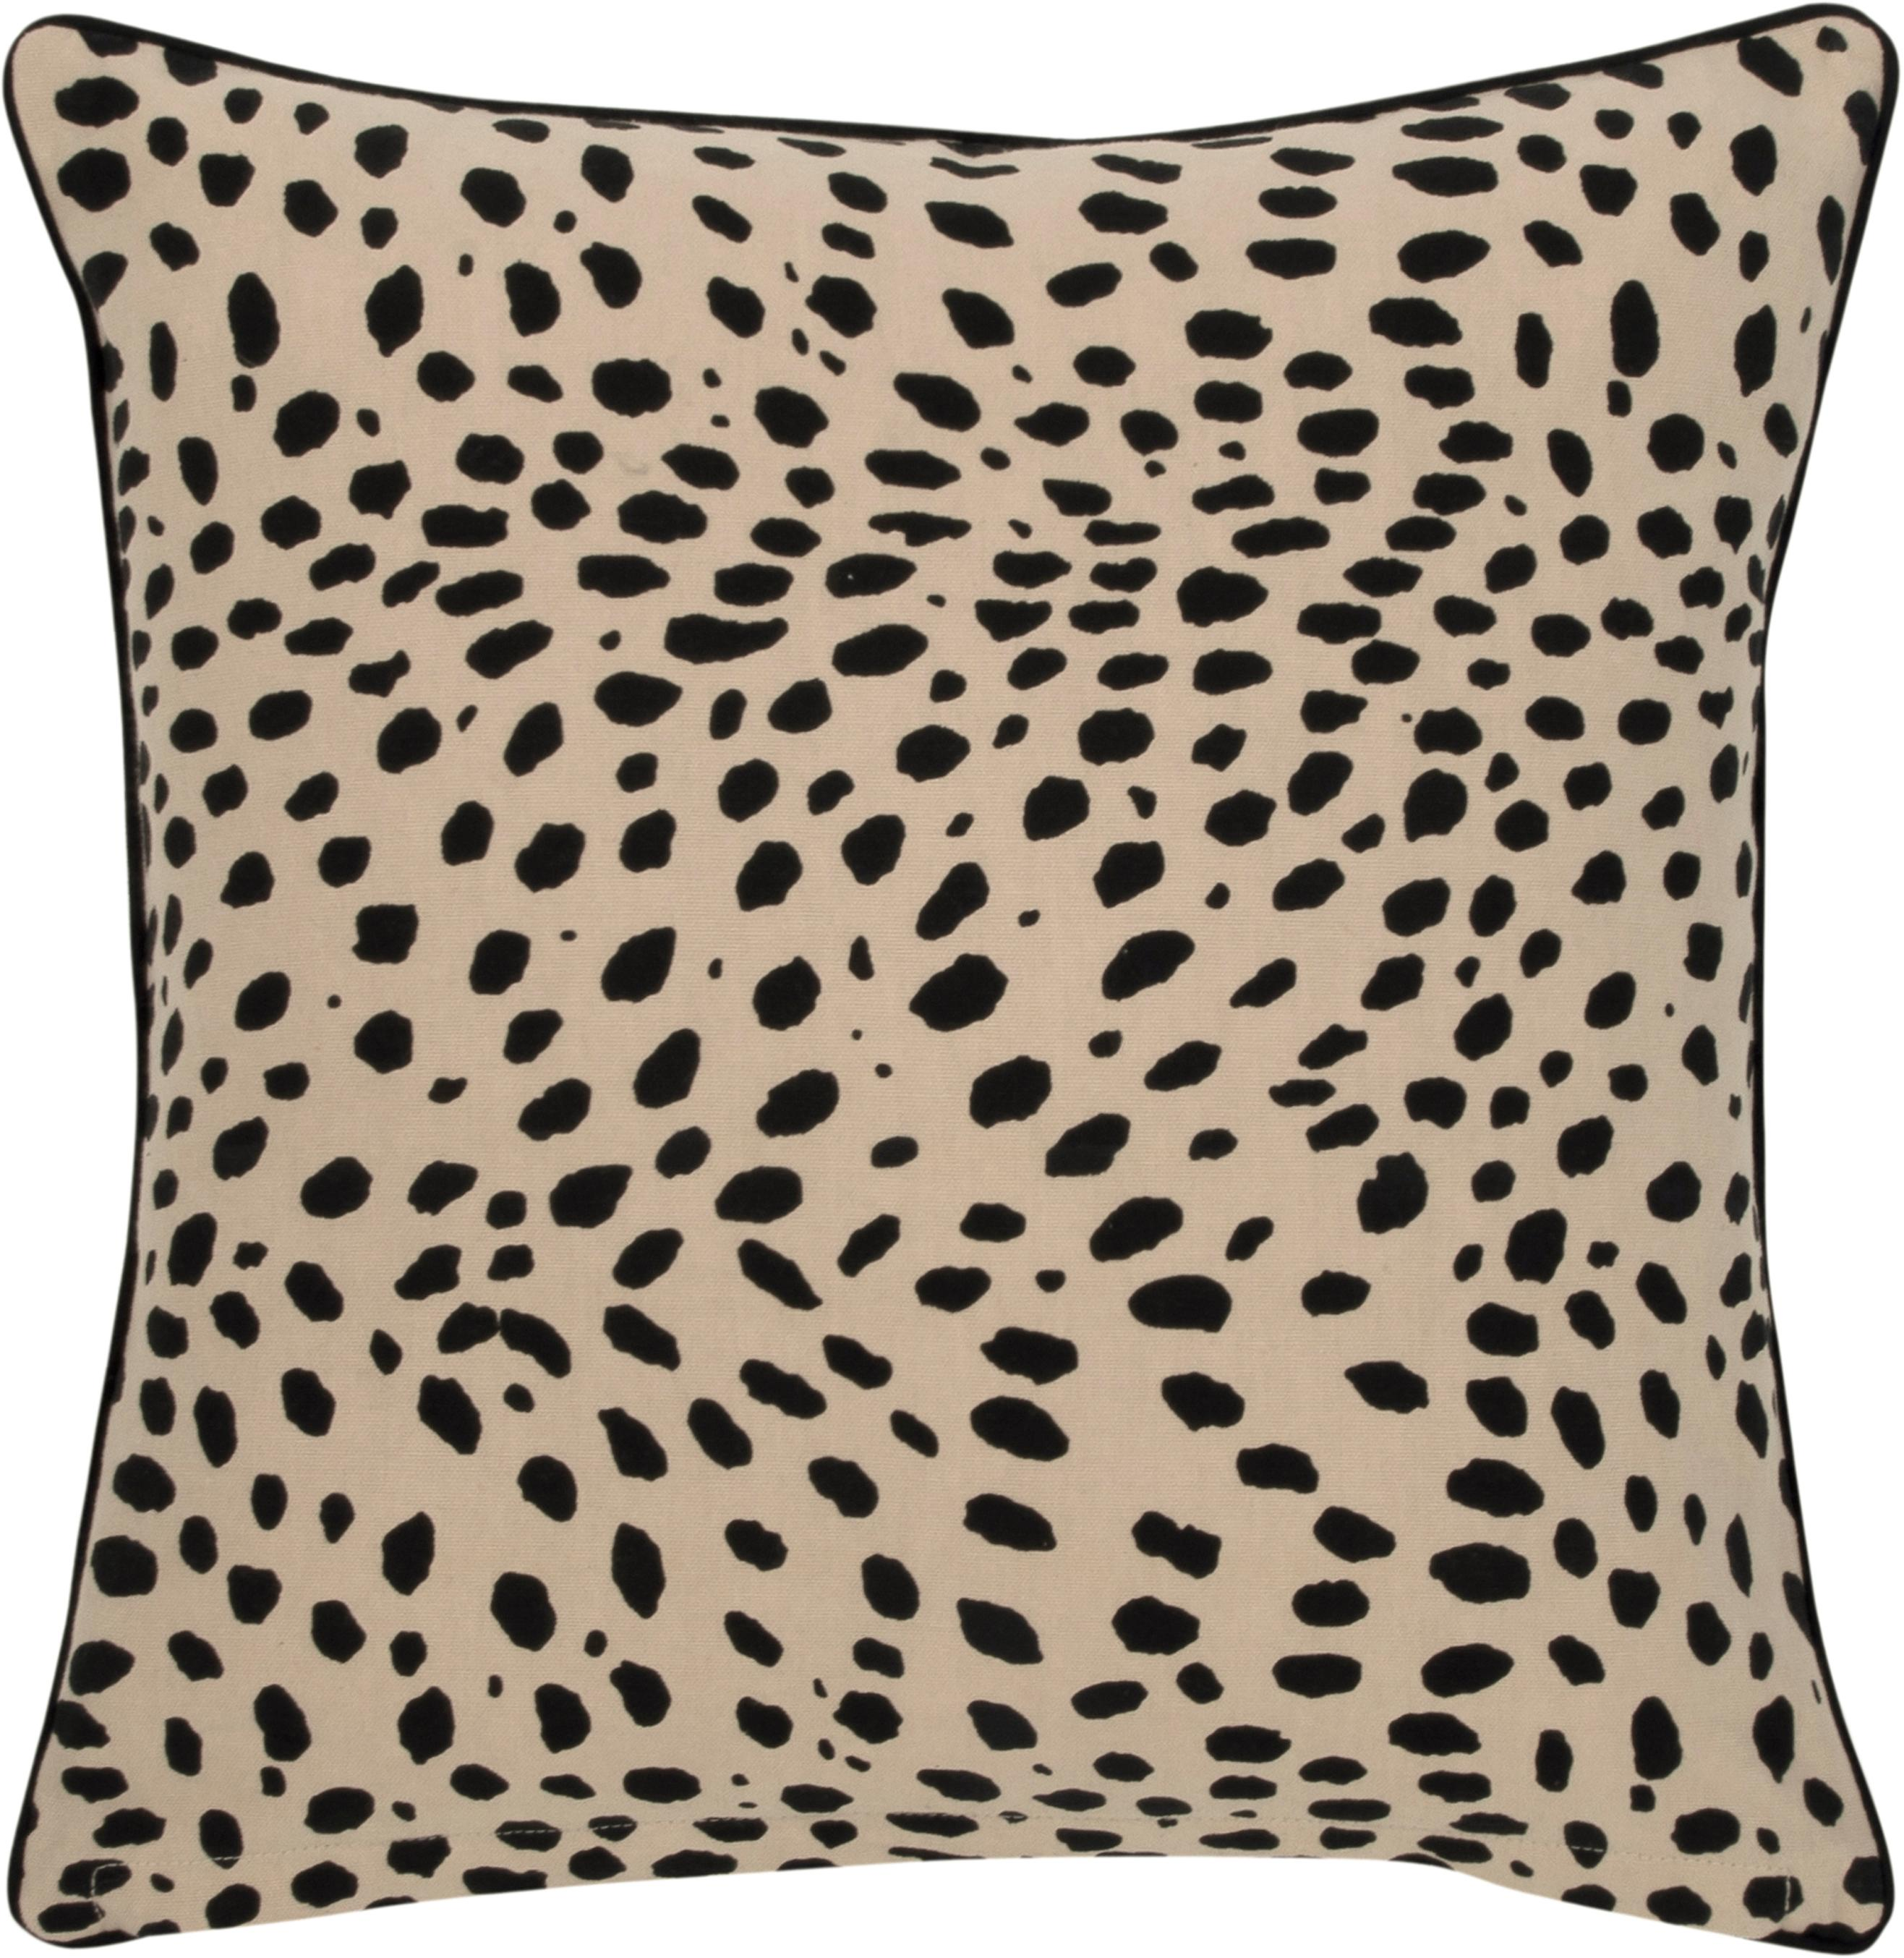 Kissenhülle Leopard mit schwarzem Keder, 100% Baumwolle, Beige, Schwarz, 45 x 45 cm